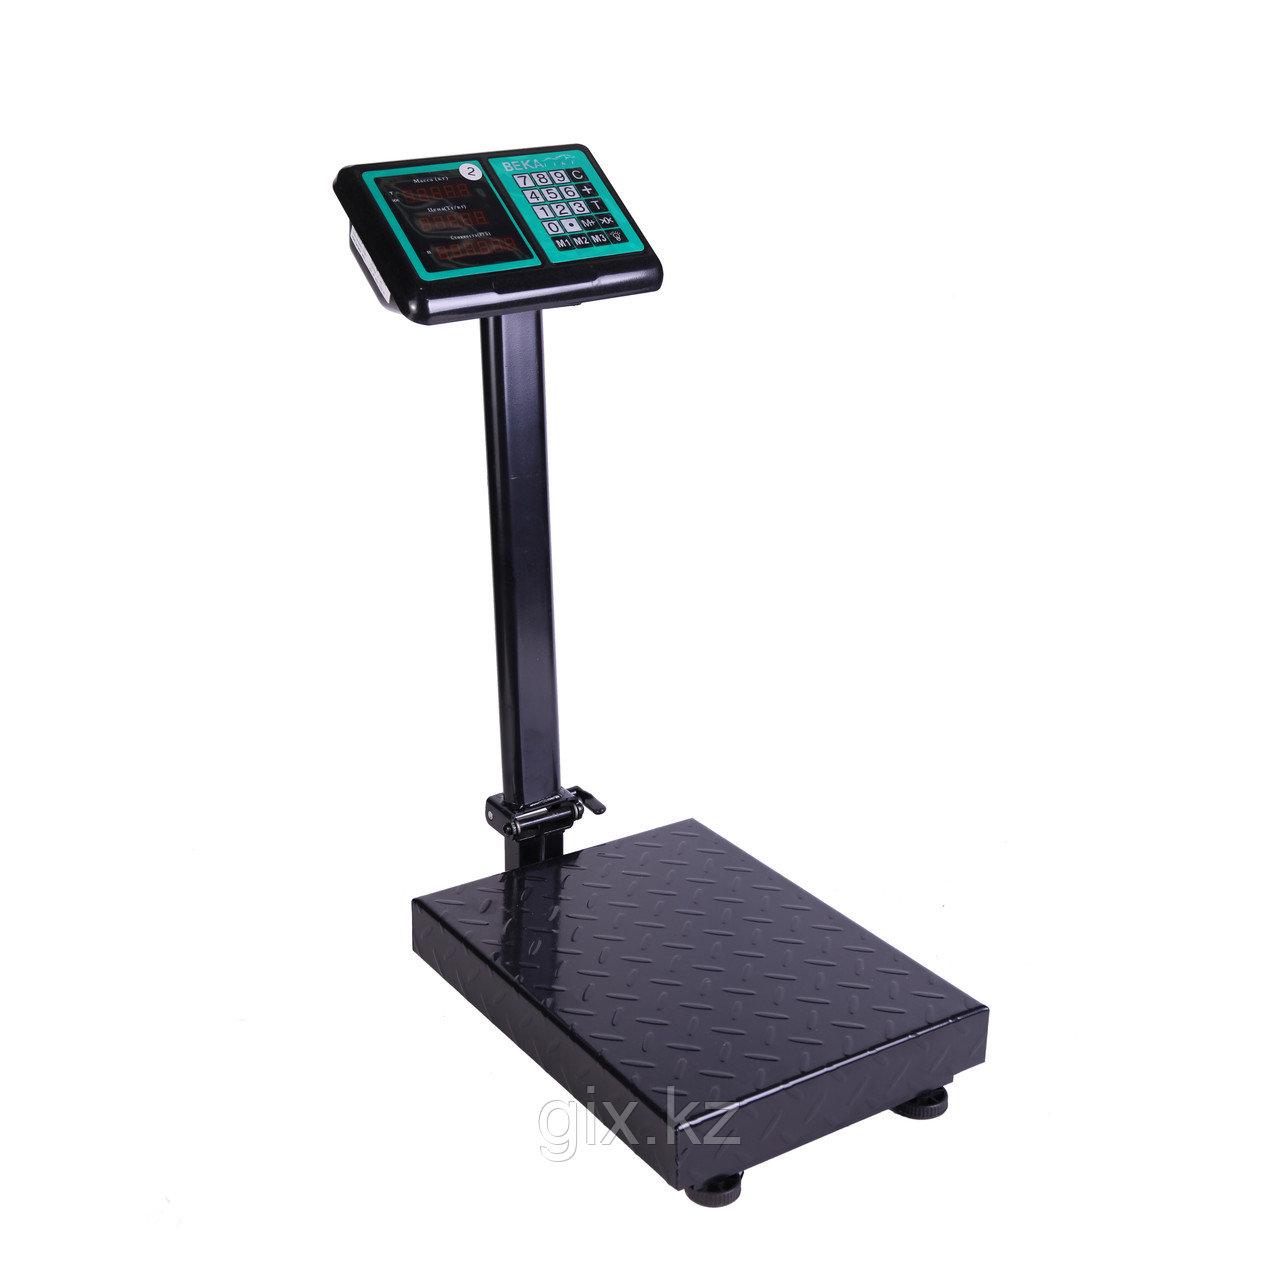 Торговые весы, платформенные, напольные до 100 кг